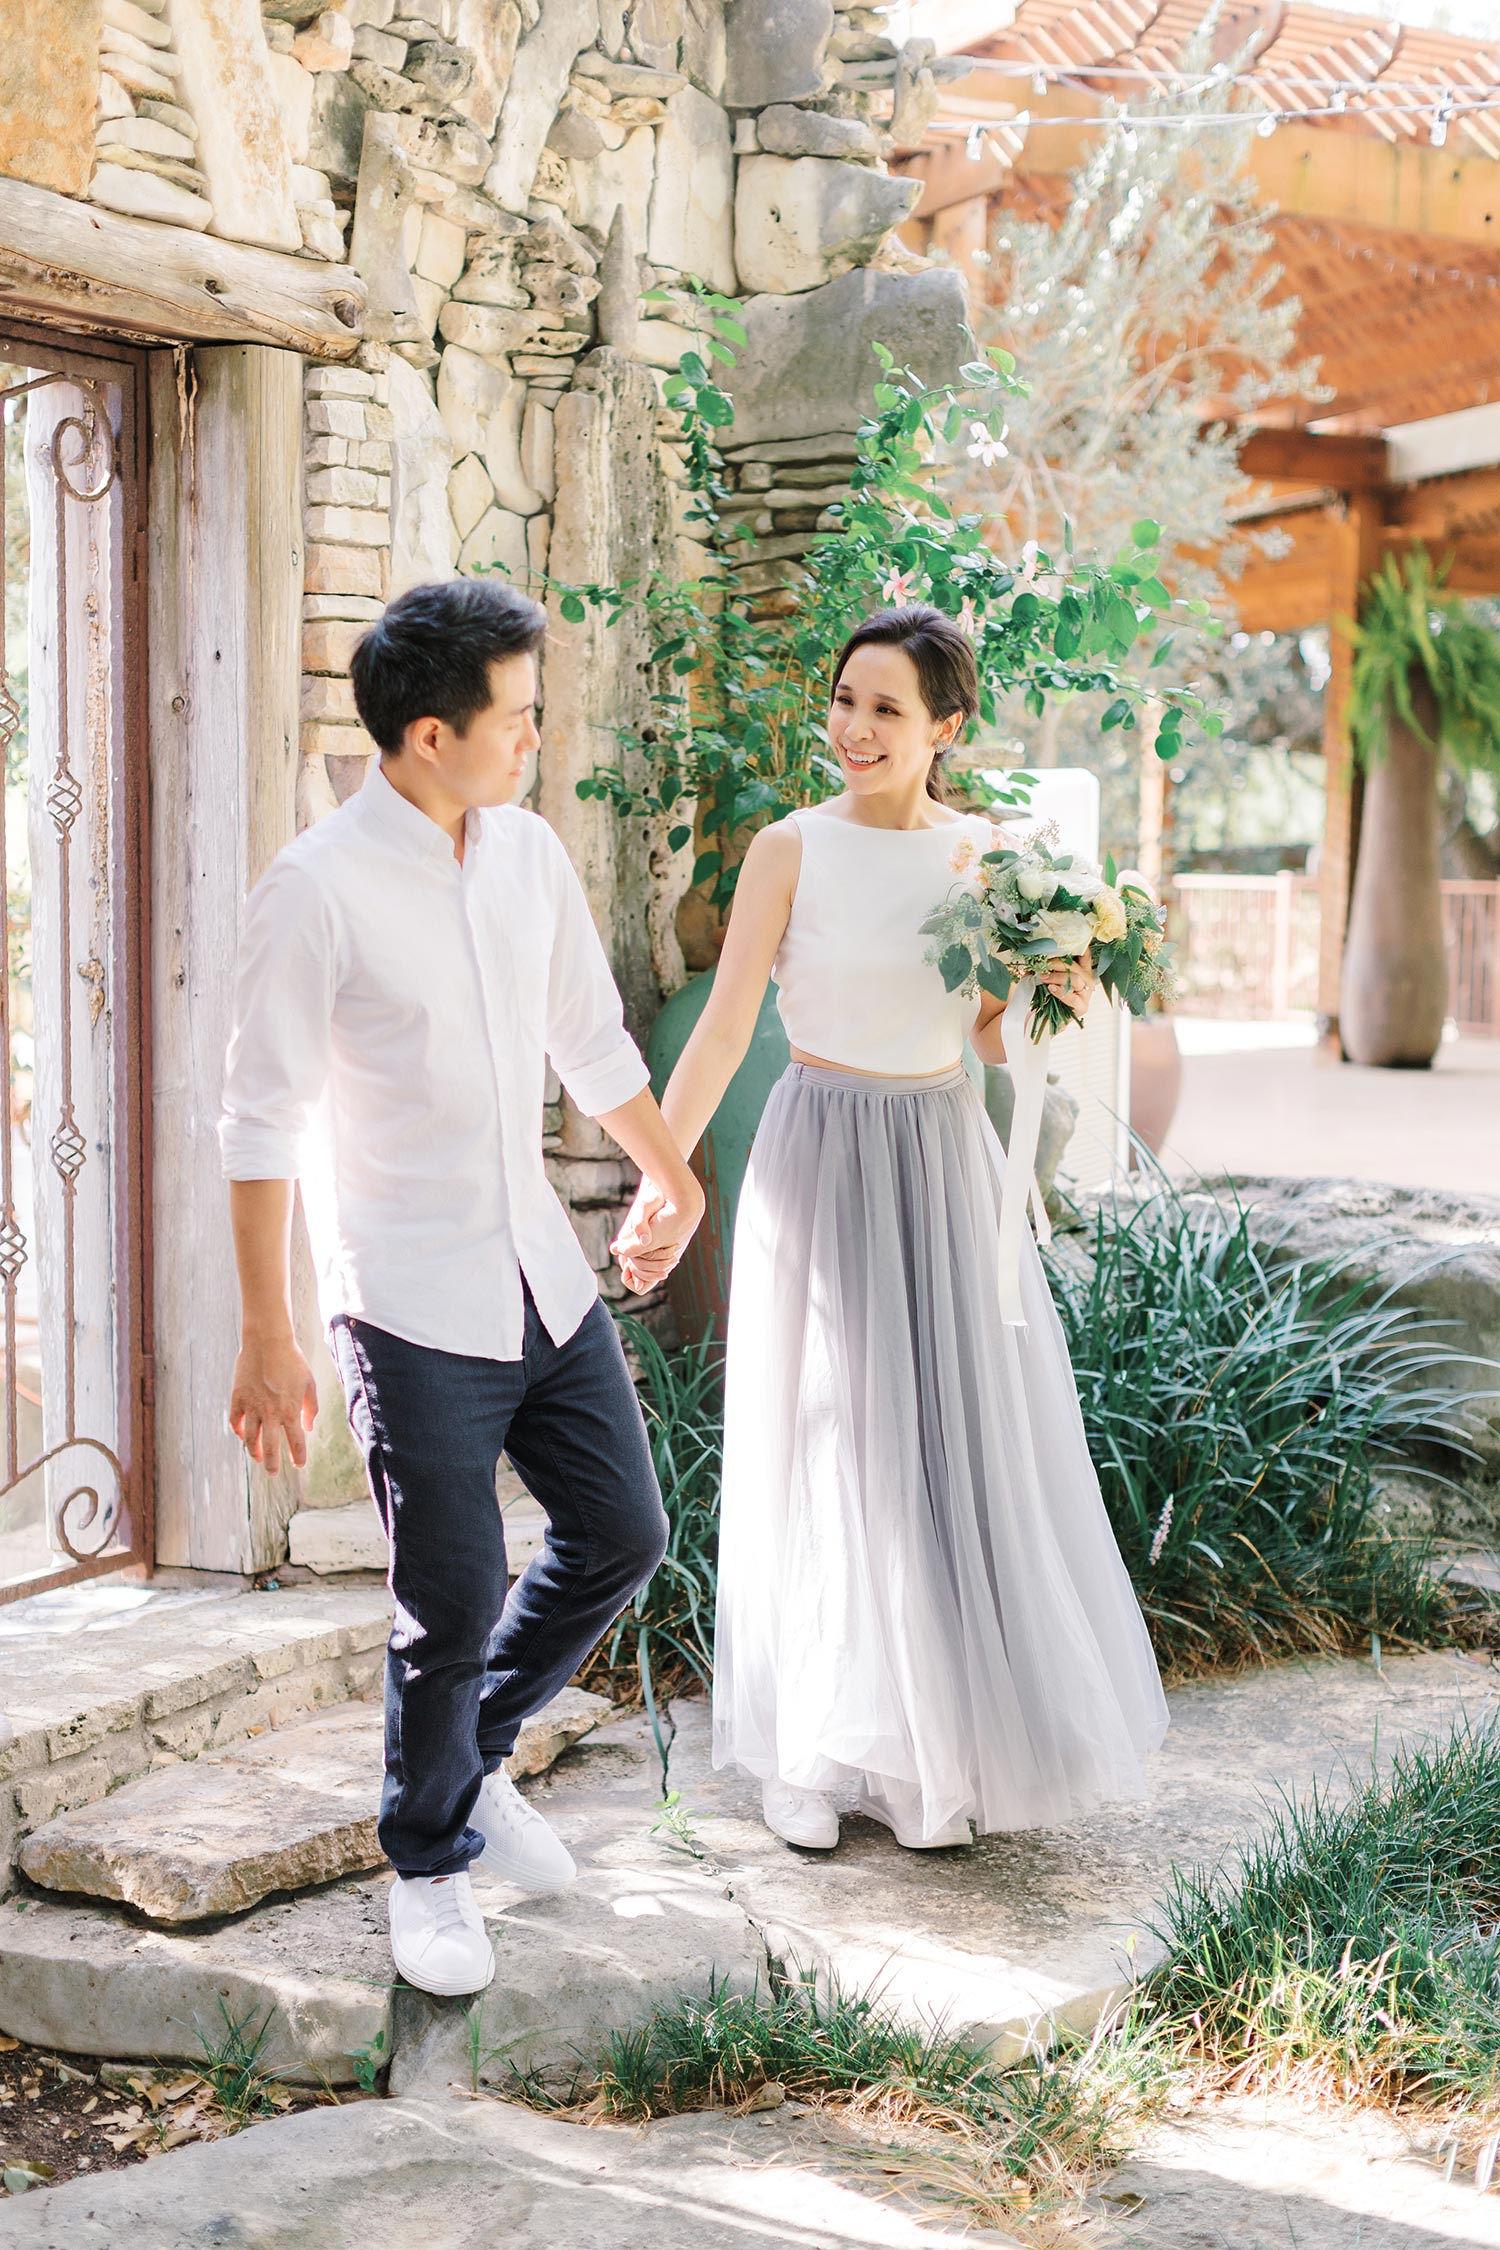 美國德州-達拉斯婚紗